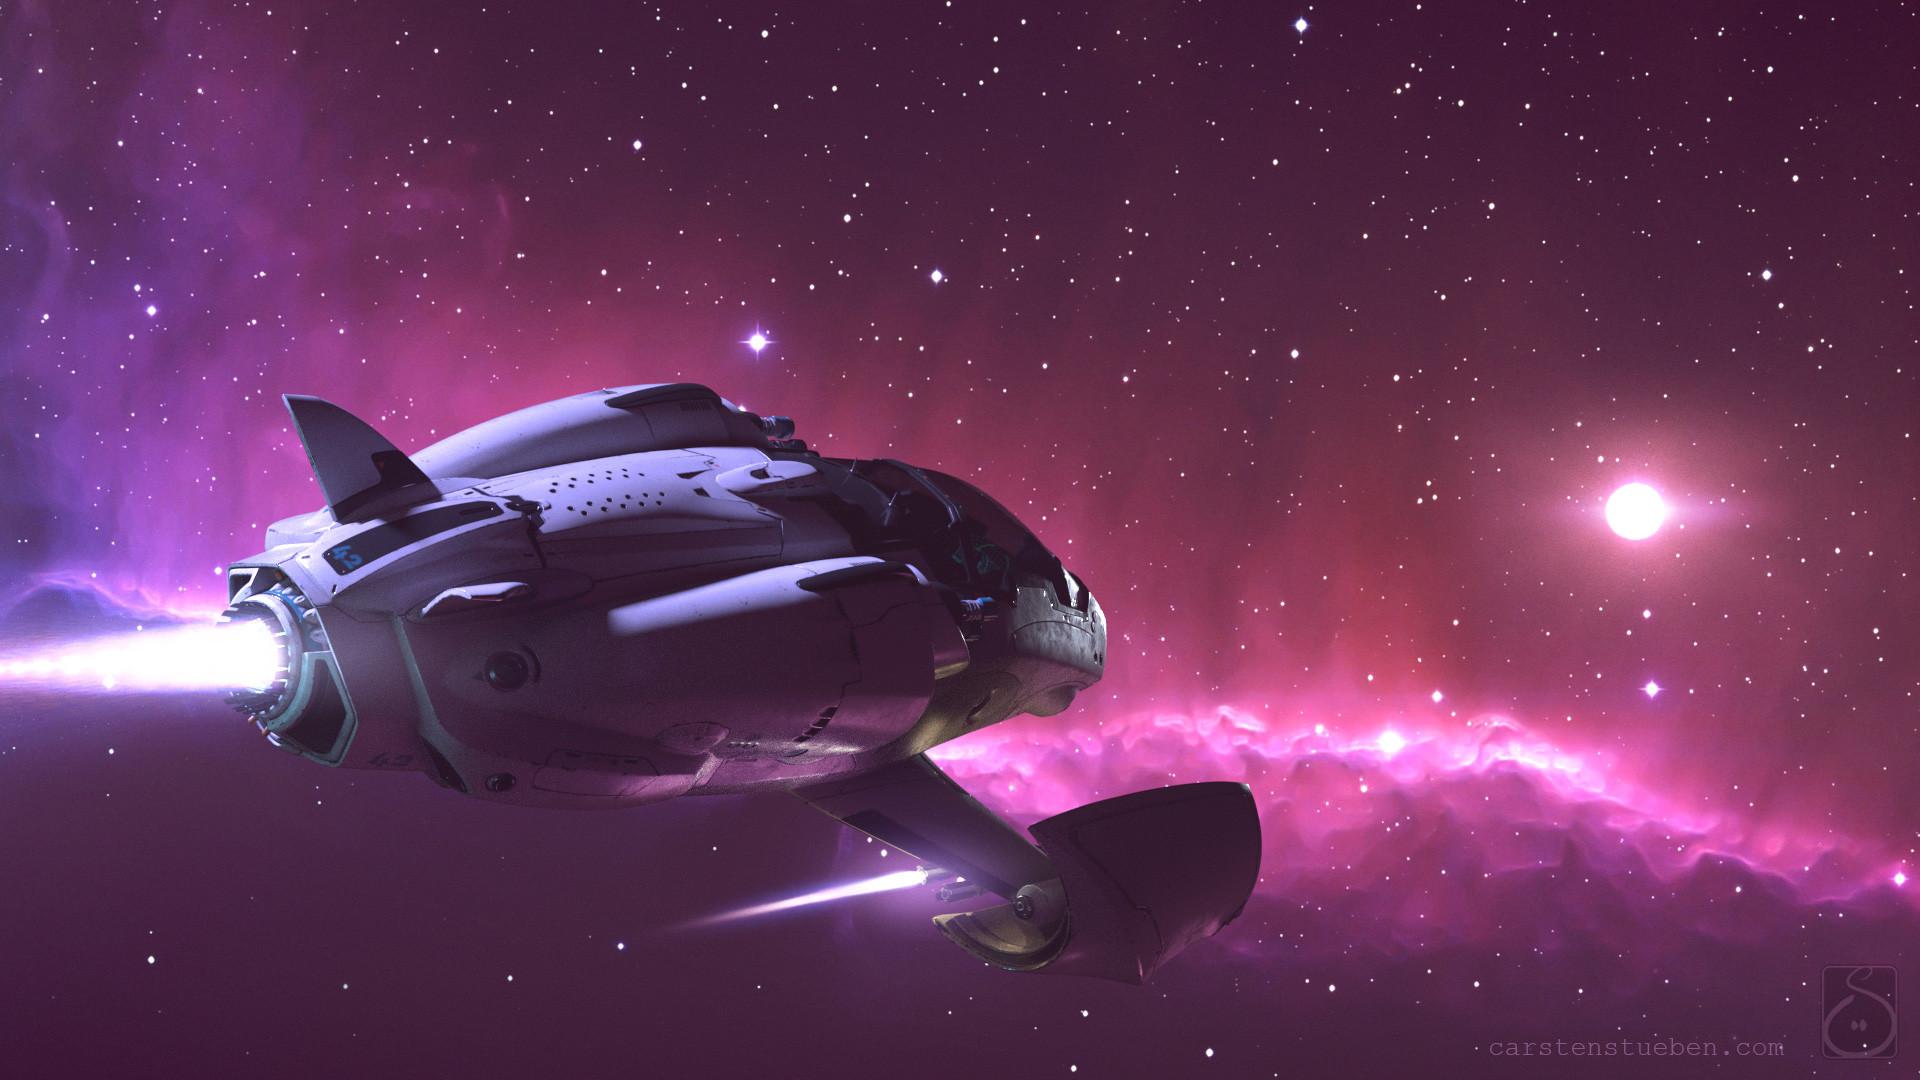 Carsten stueben thrust mantis42 deepspace 01